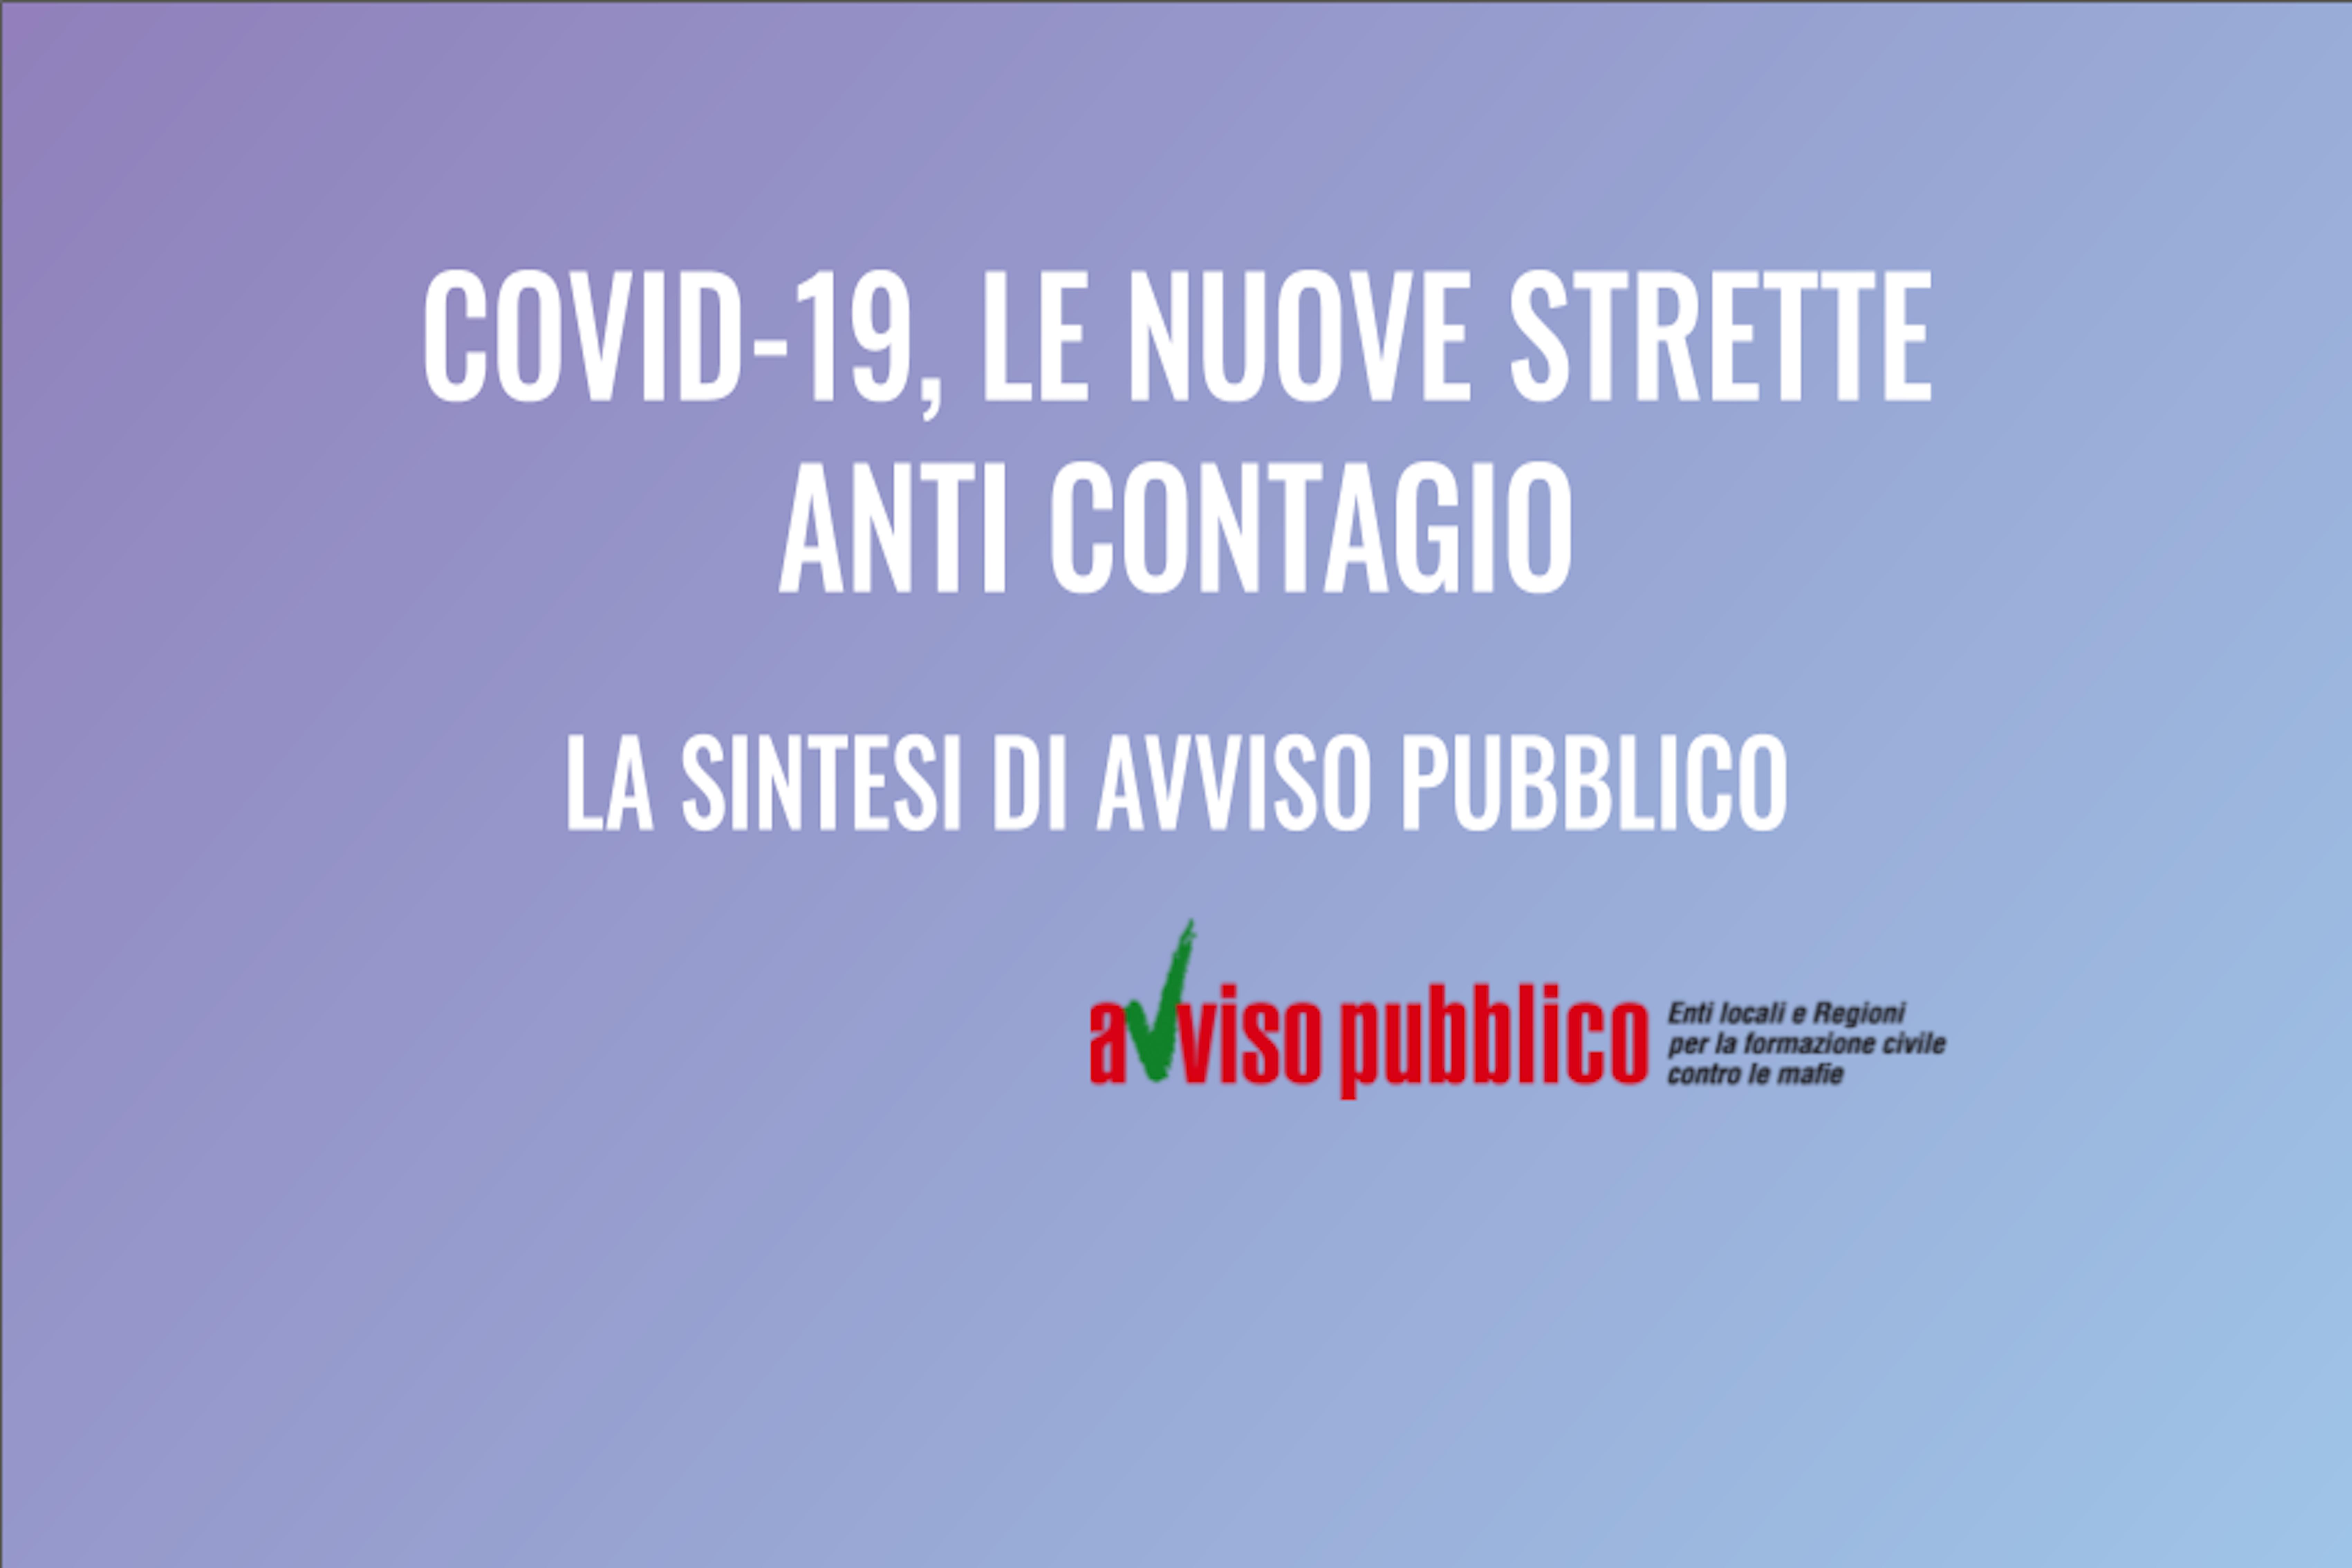 DECRETI ANTI-COVID, LE NUOVE STRETTE NELLA SINTESI DI AVVISO PUBBLICO